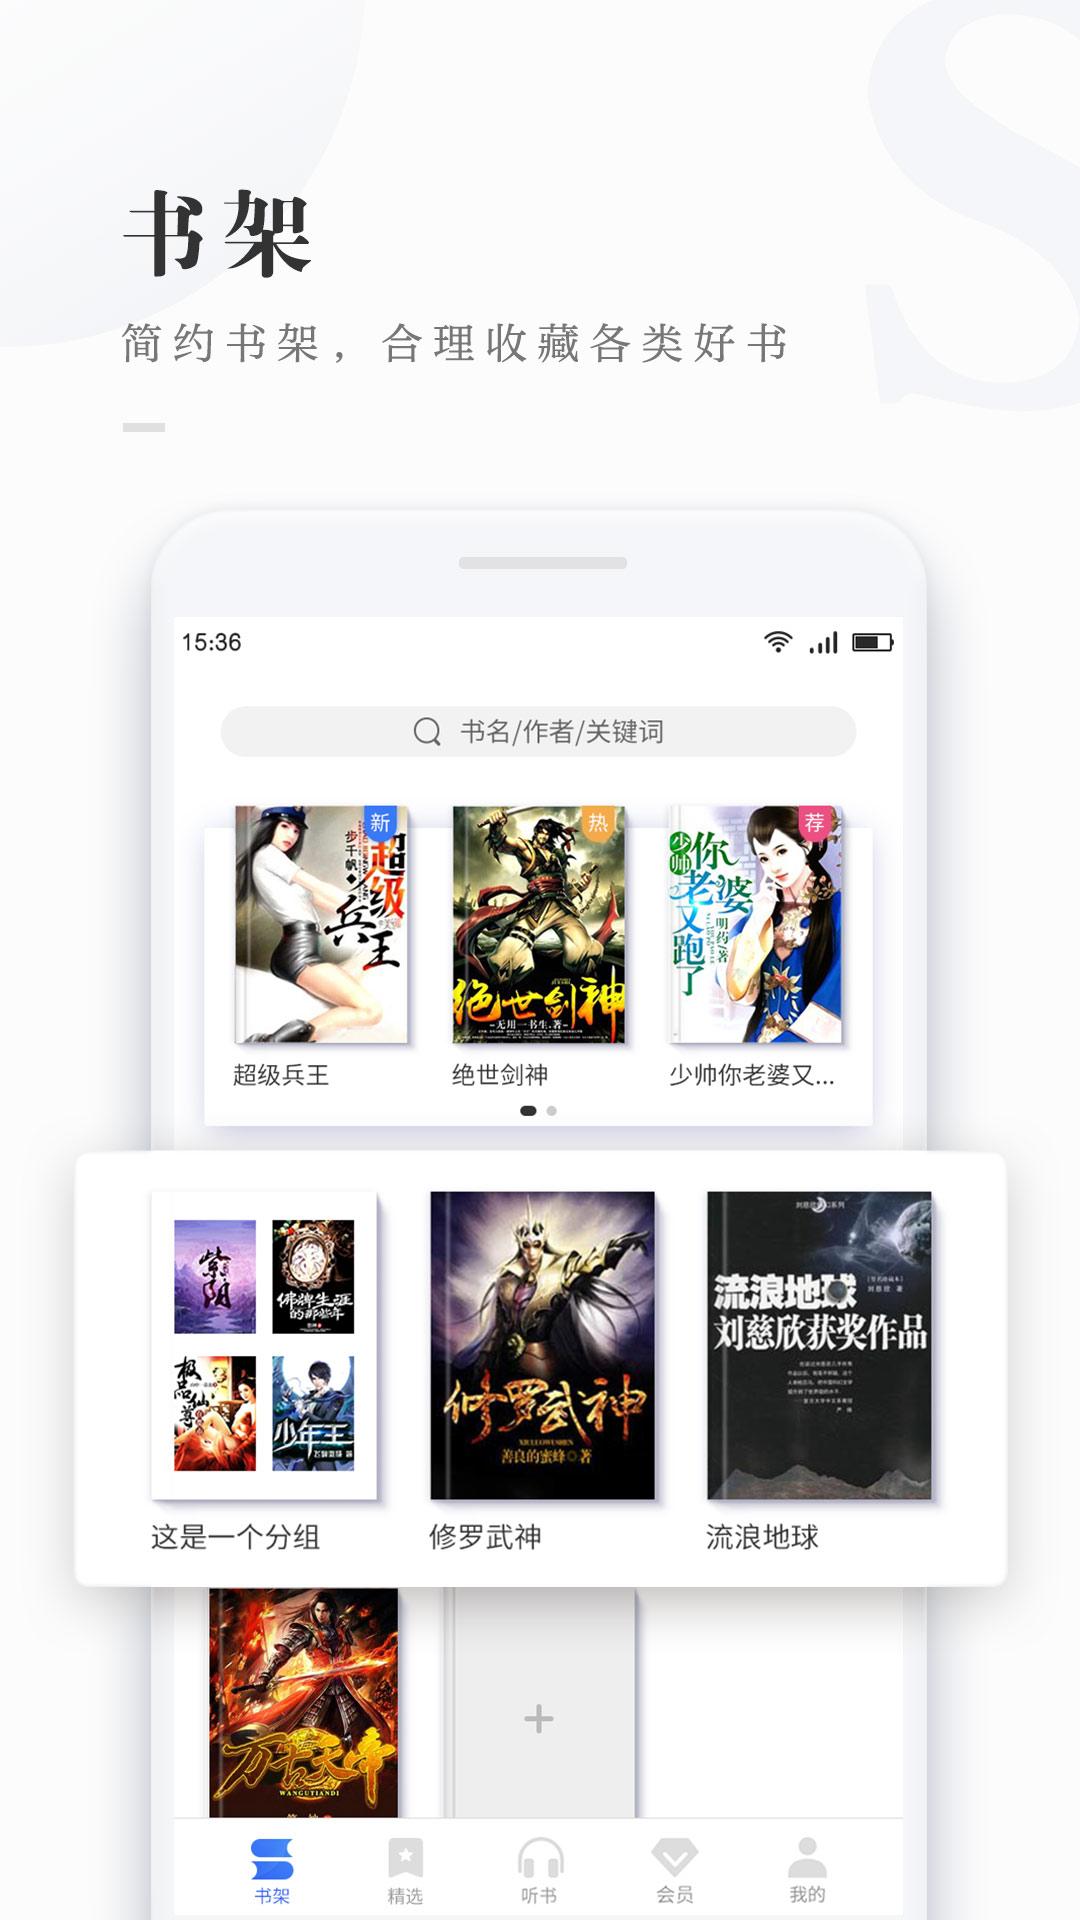 超级兵王在都市下载_免费看书吧免费下载_华为应用市场 免费看书吧安卓版(6.3.4)下载